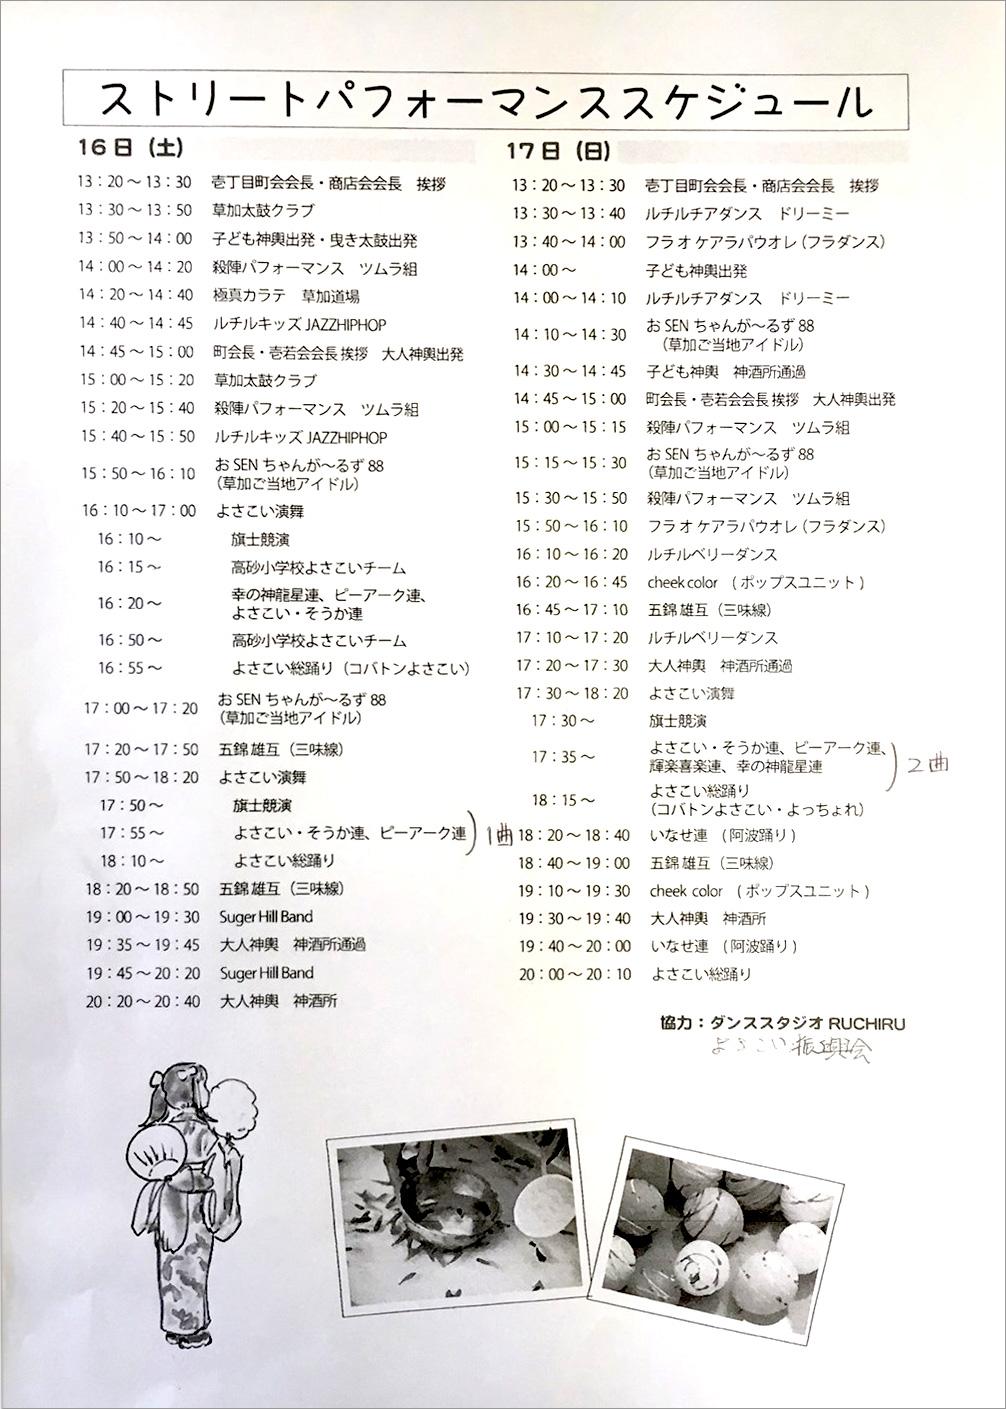 八幡祭_スケジュール